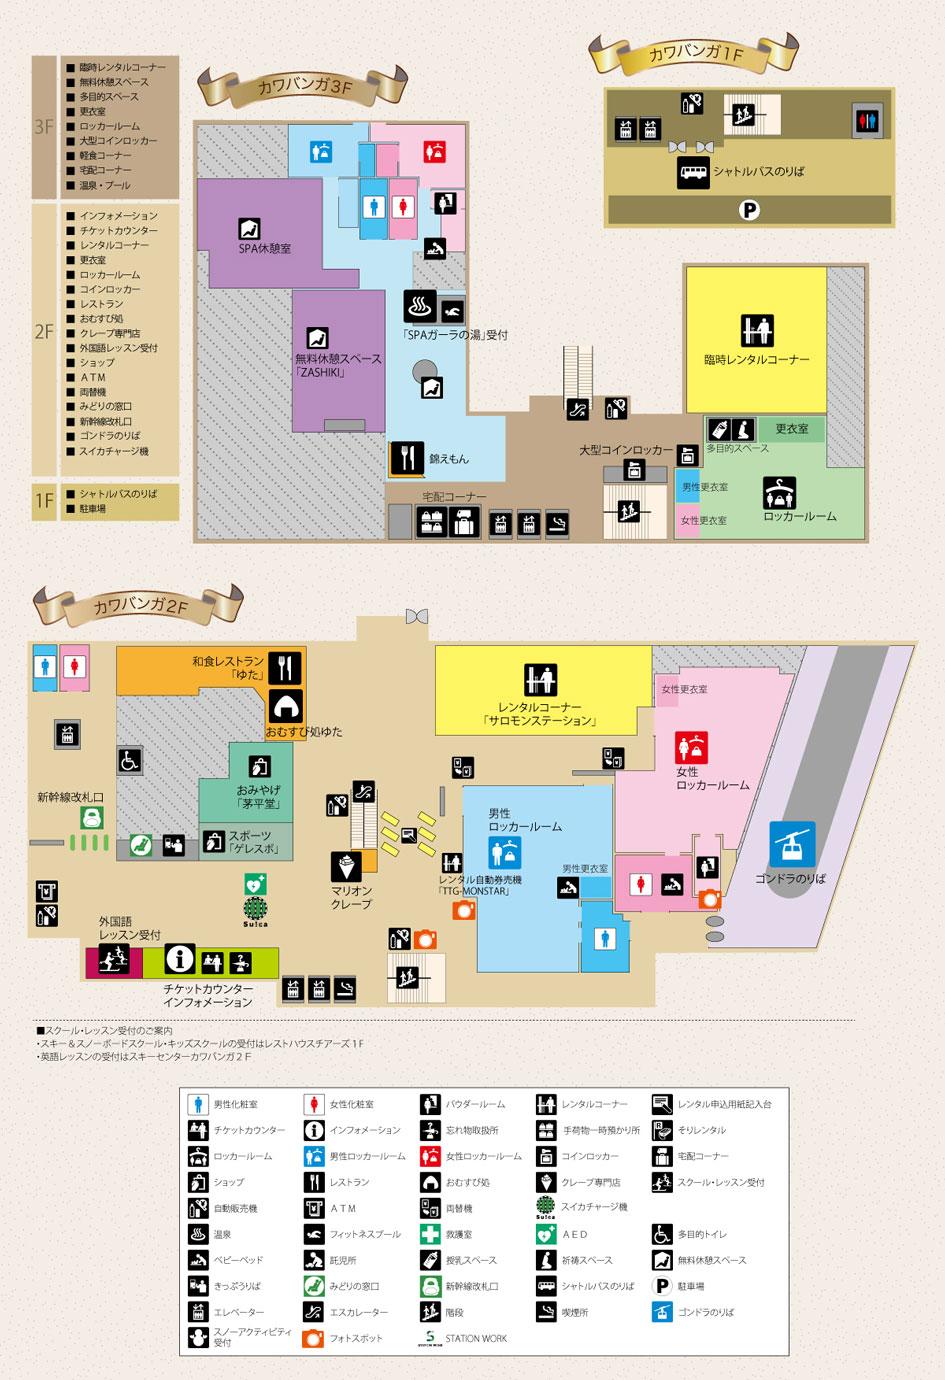 スキーセンター「カワバンガ」FLOOR MAP